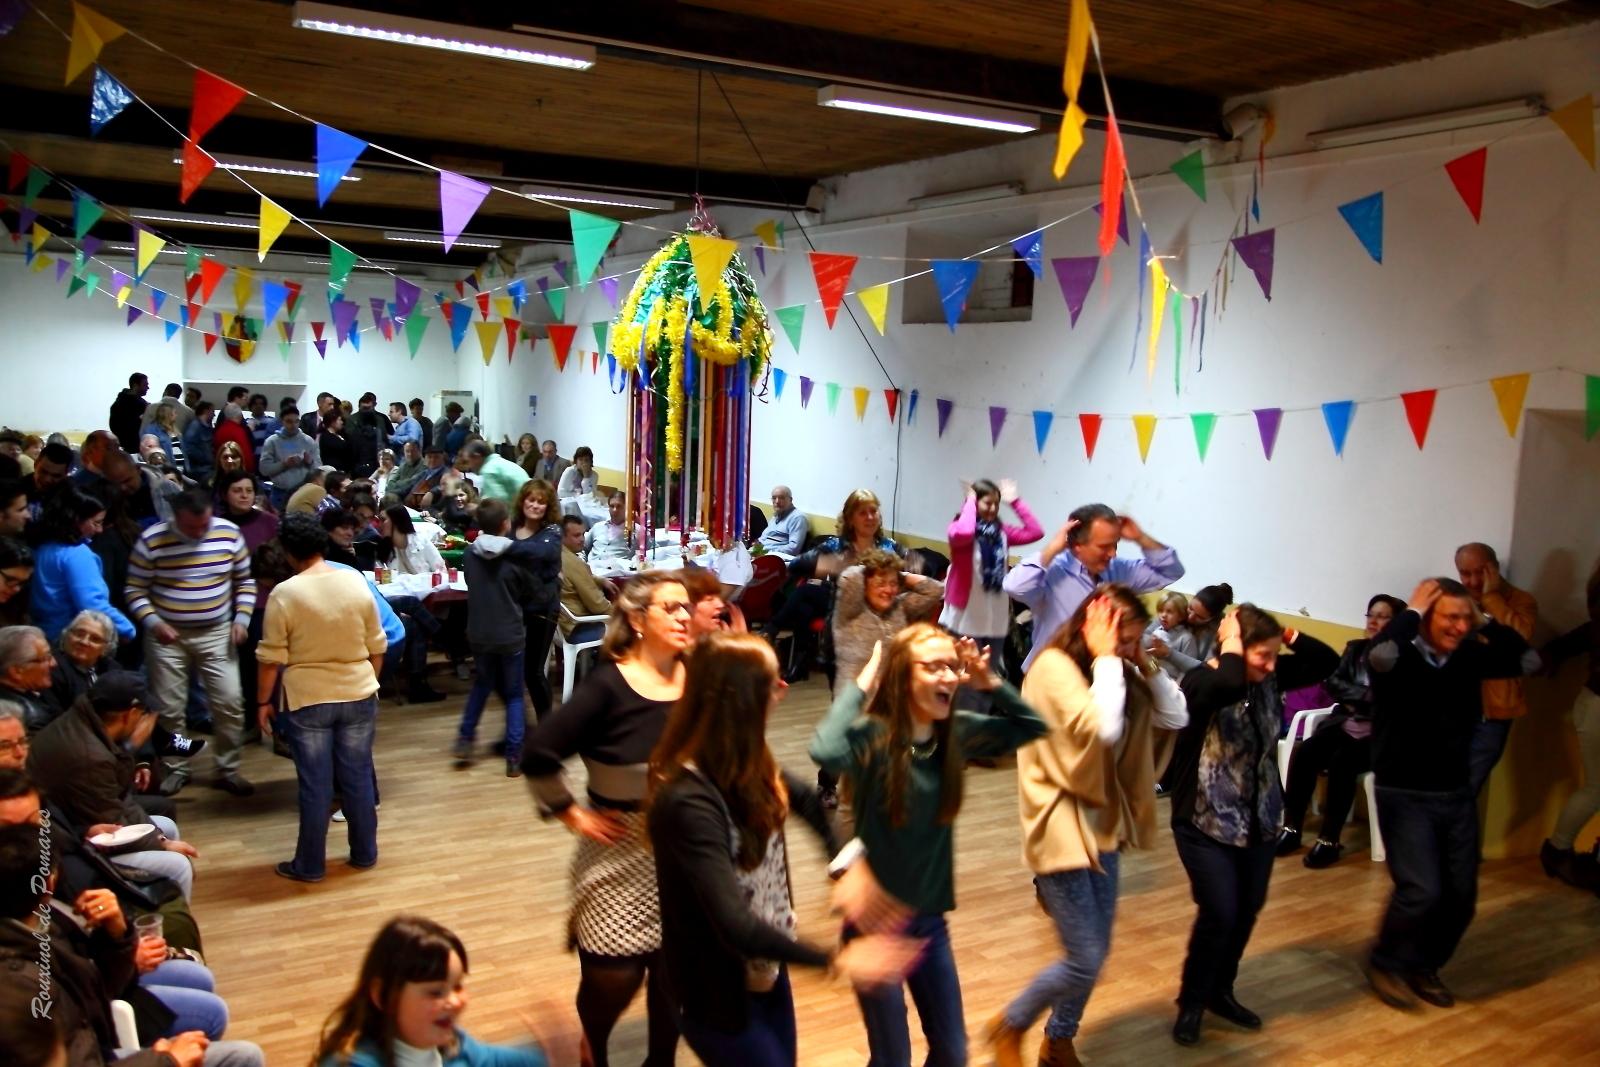 Baile da Pinha -2015 - Soito da Ruiva (0020a)